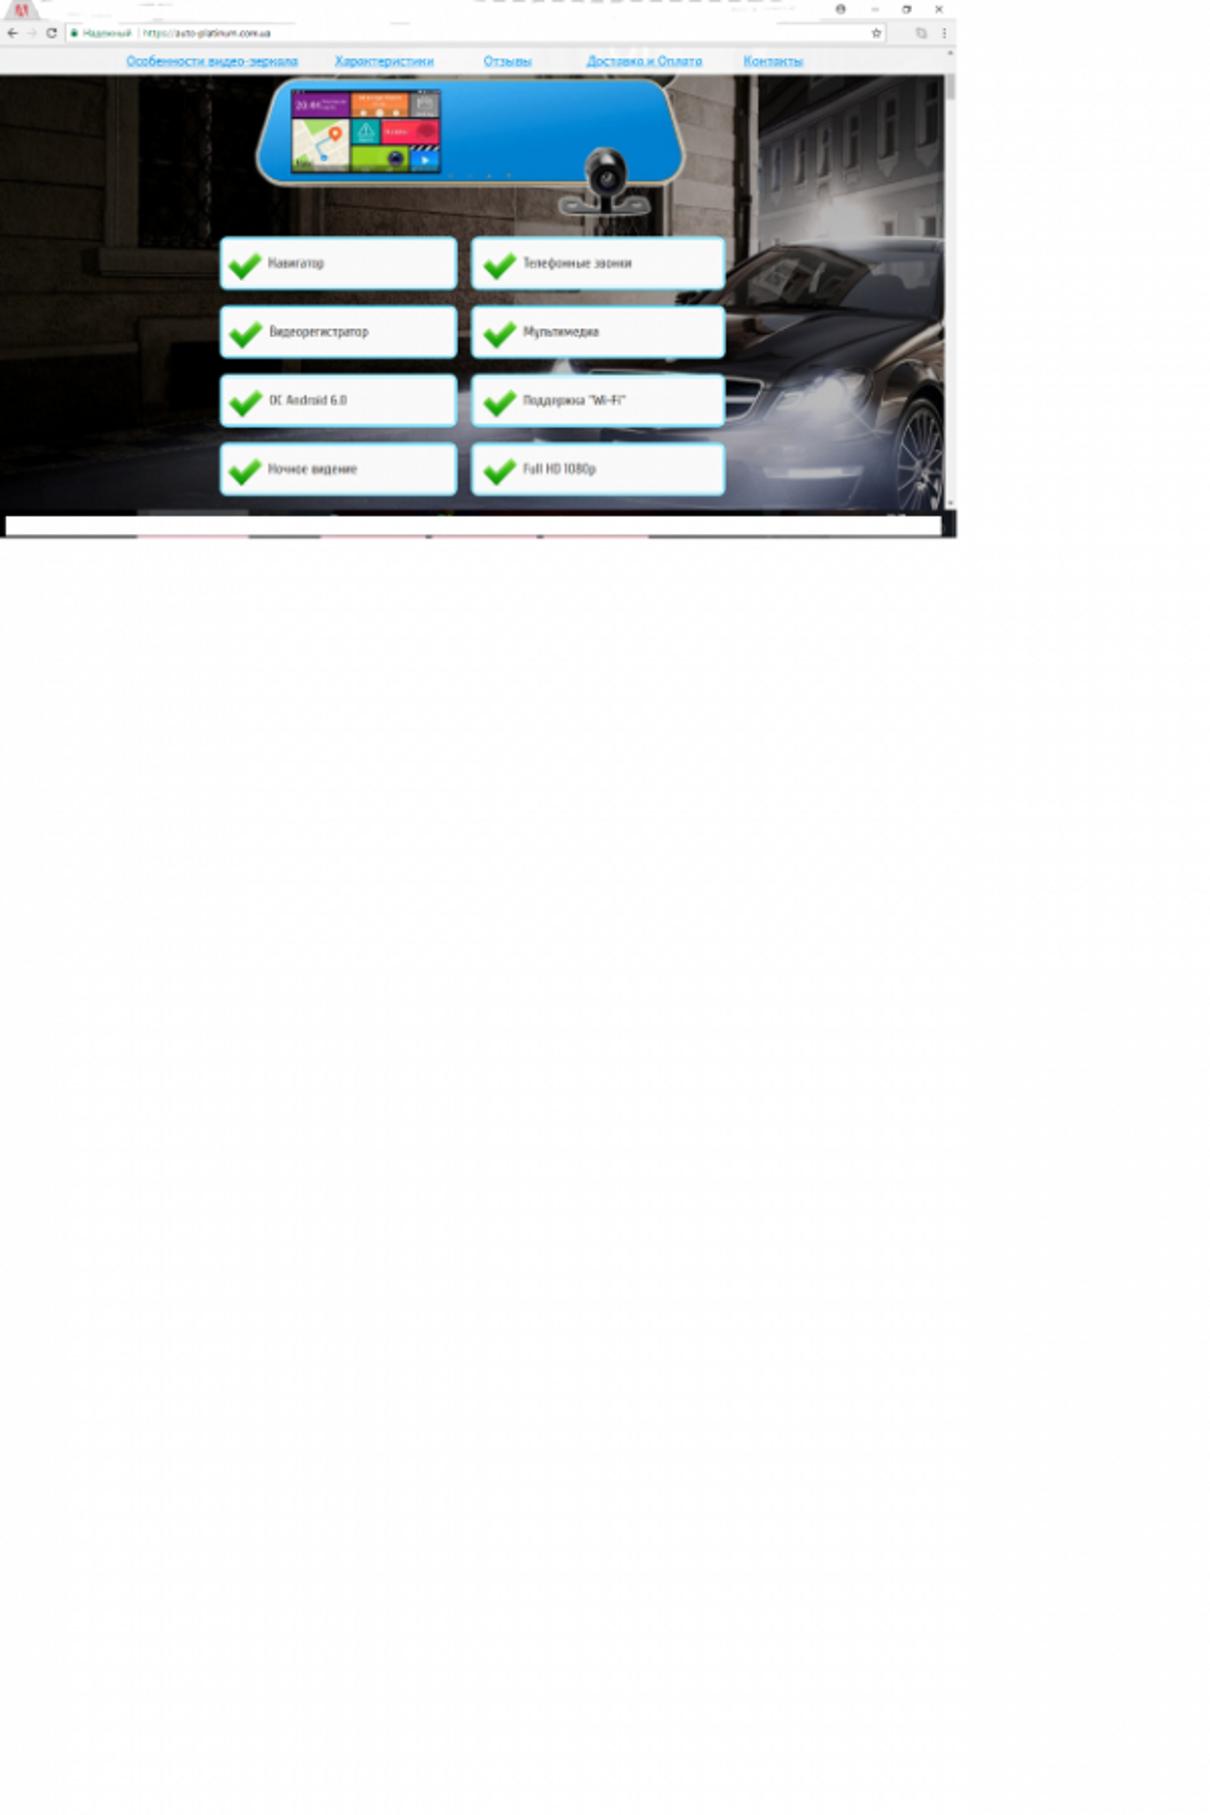 Жалоба-отзыв: Панкратов Николай Дмитриевич https://auto-platinum.com.ua - Занимается лохотроном, продаёт по цене 2999 зеркало видеорегистратор по цене 600 грн.  Фото №2